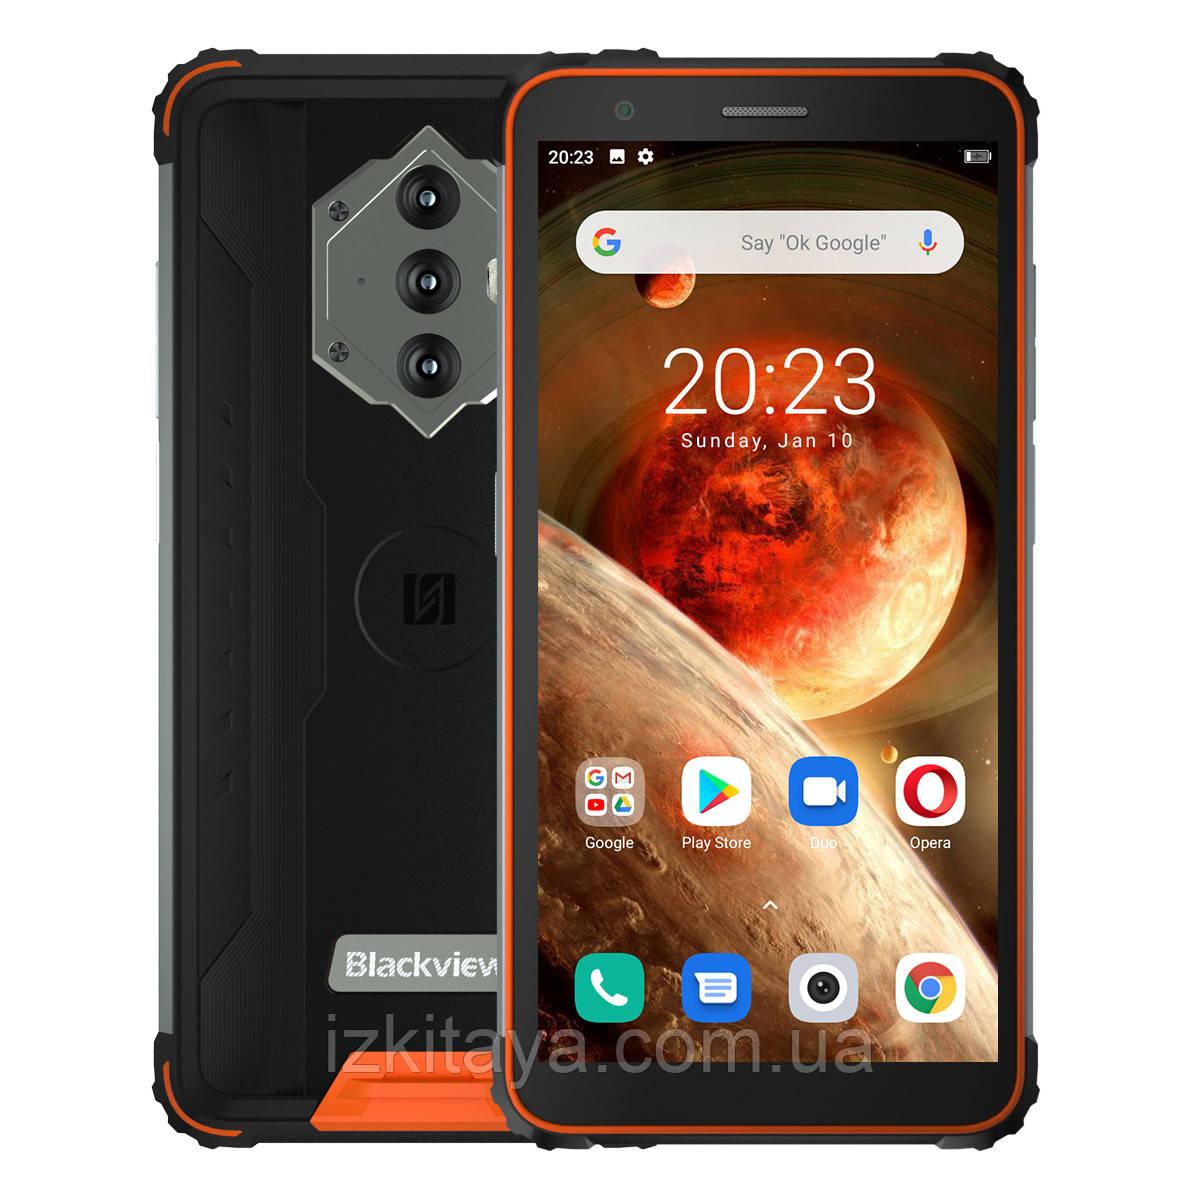 Смартфон Blackview BV6600 orange + Свит ТВ 3 місяці безкоштовно